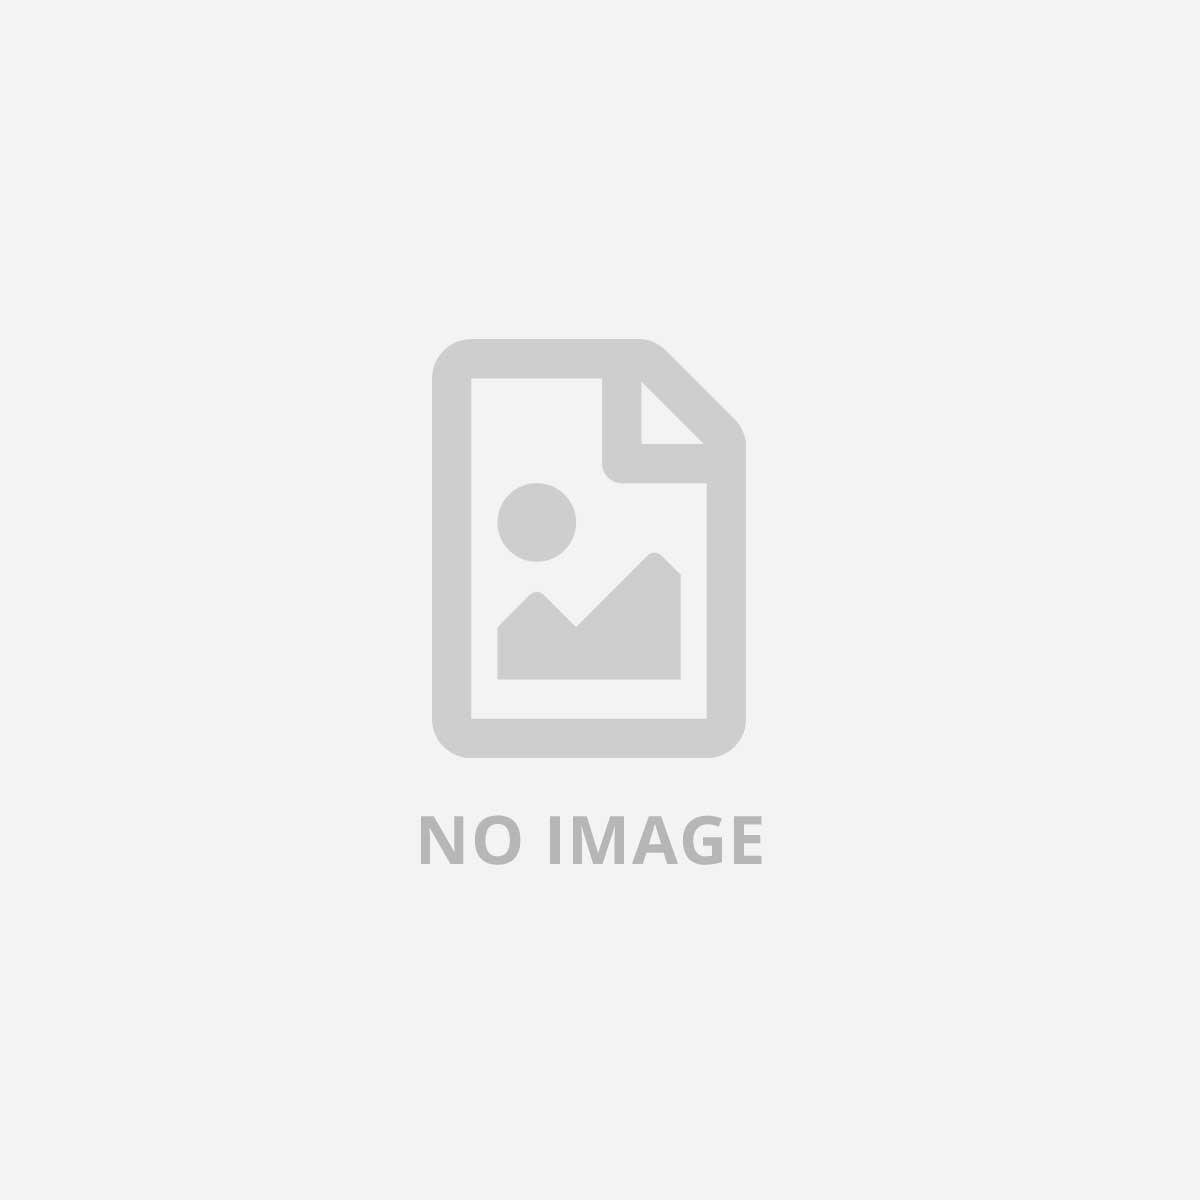 DELL PERC H730P INTEGRATED RAID CONTROLL